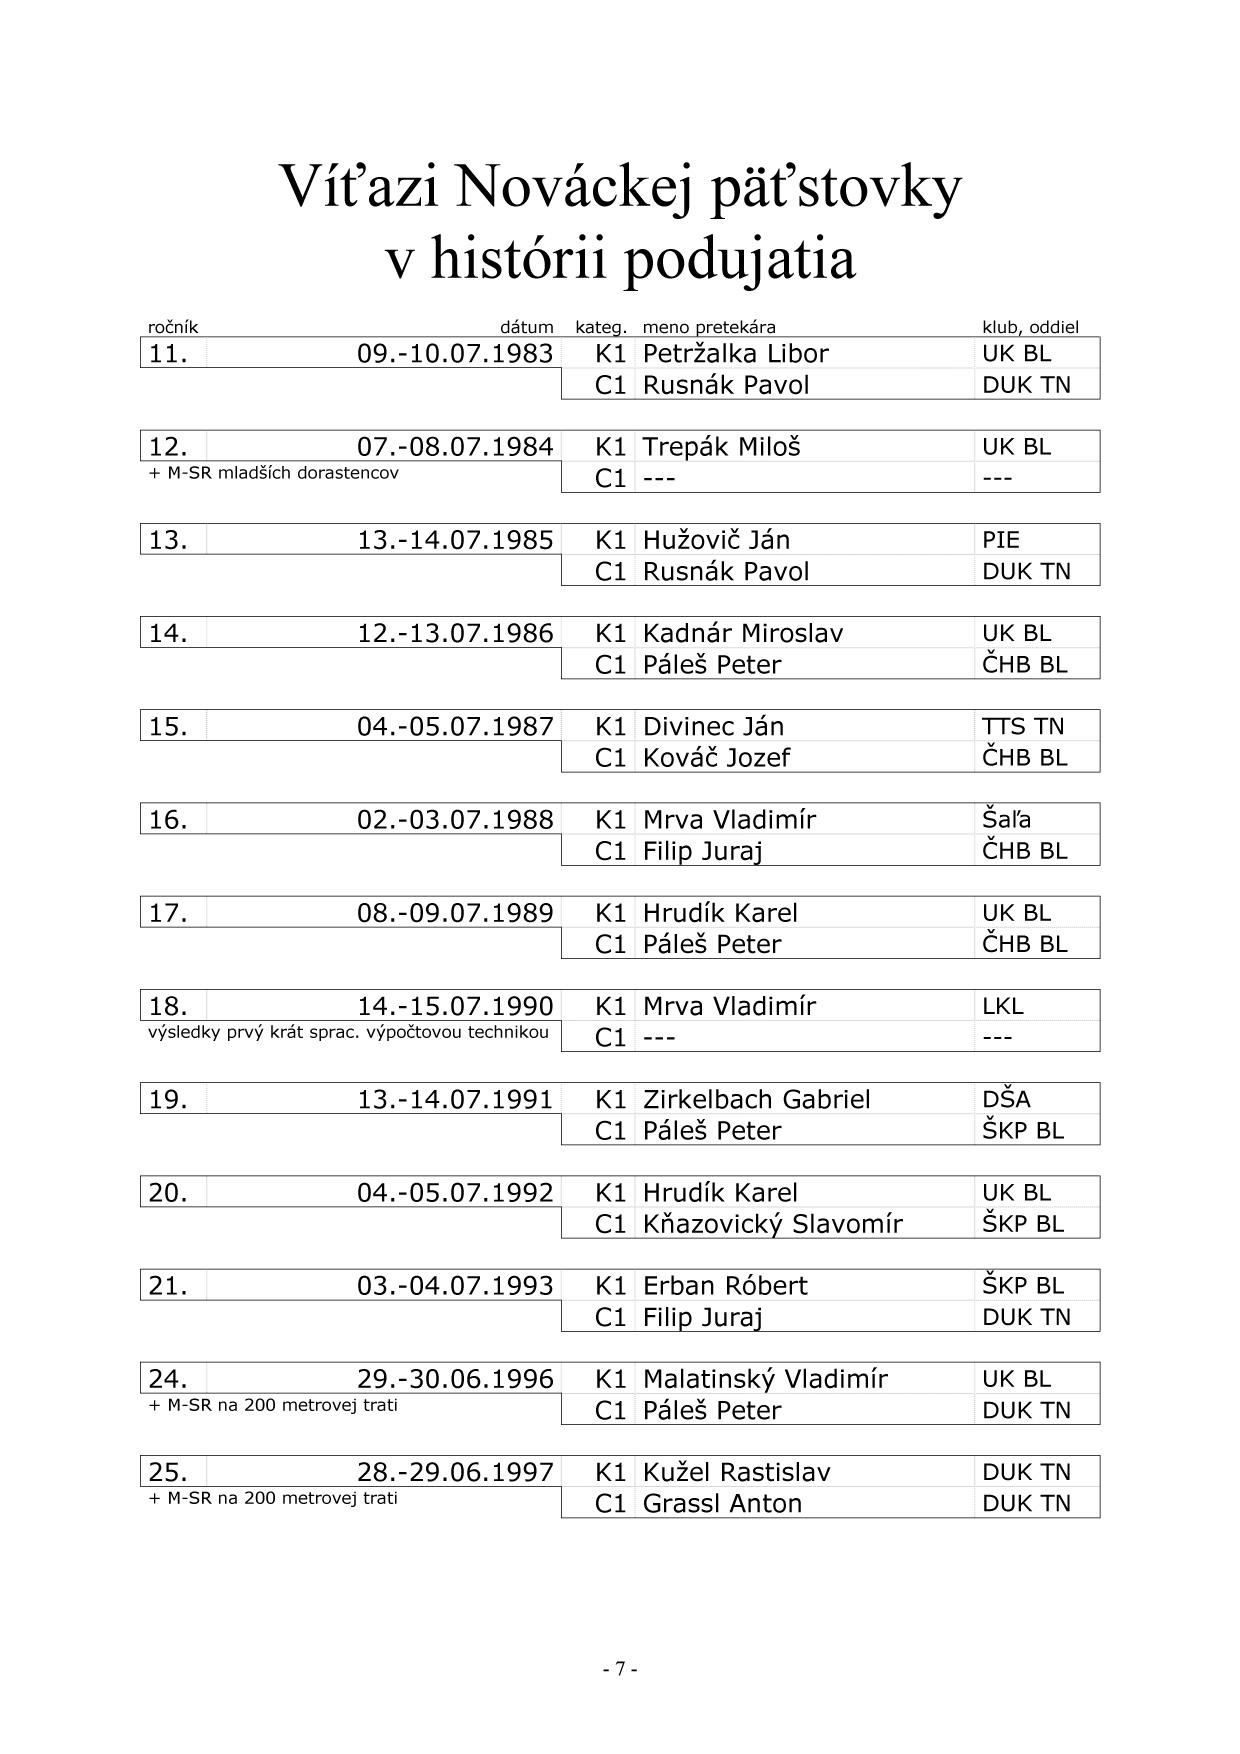 Bulletin pri príležitosti 40. ročník Nováckej päťstovky, strana 12